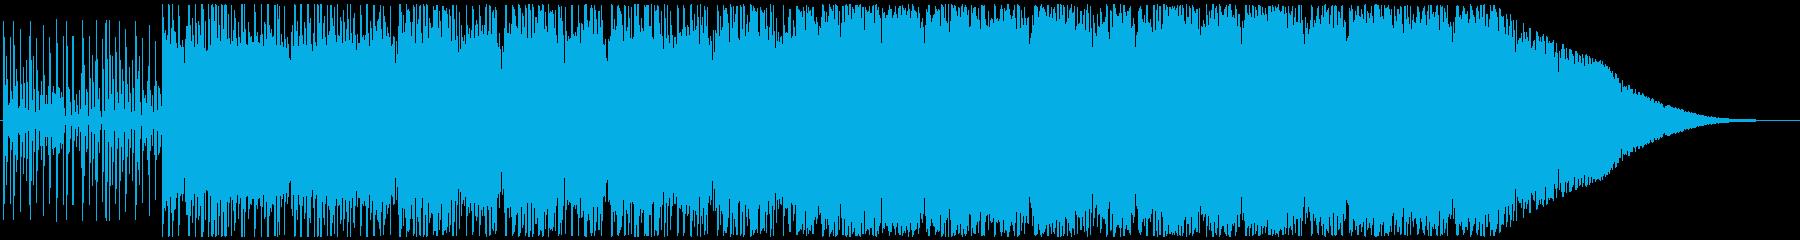 ブレイクビート 不思議 奇妙 シン...の再生済みの波形